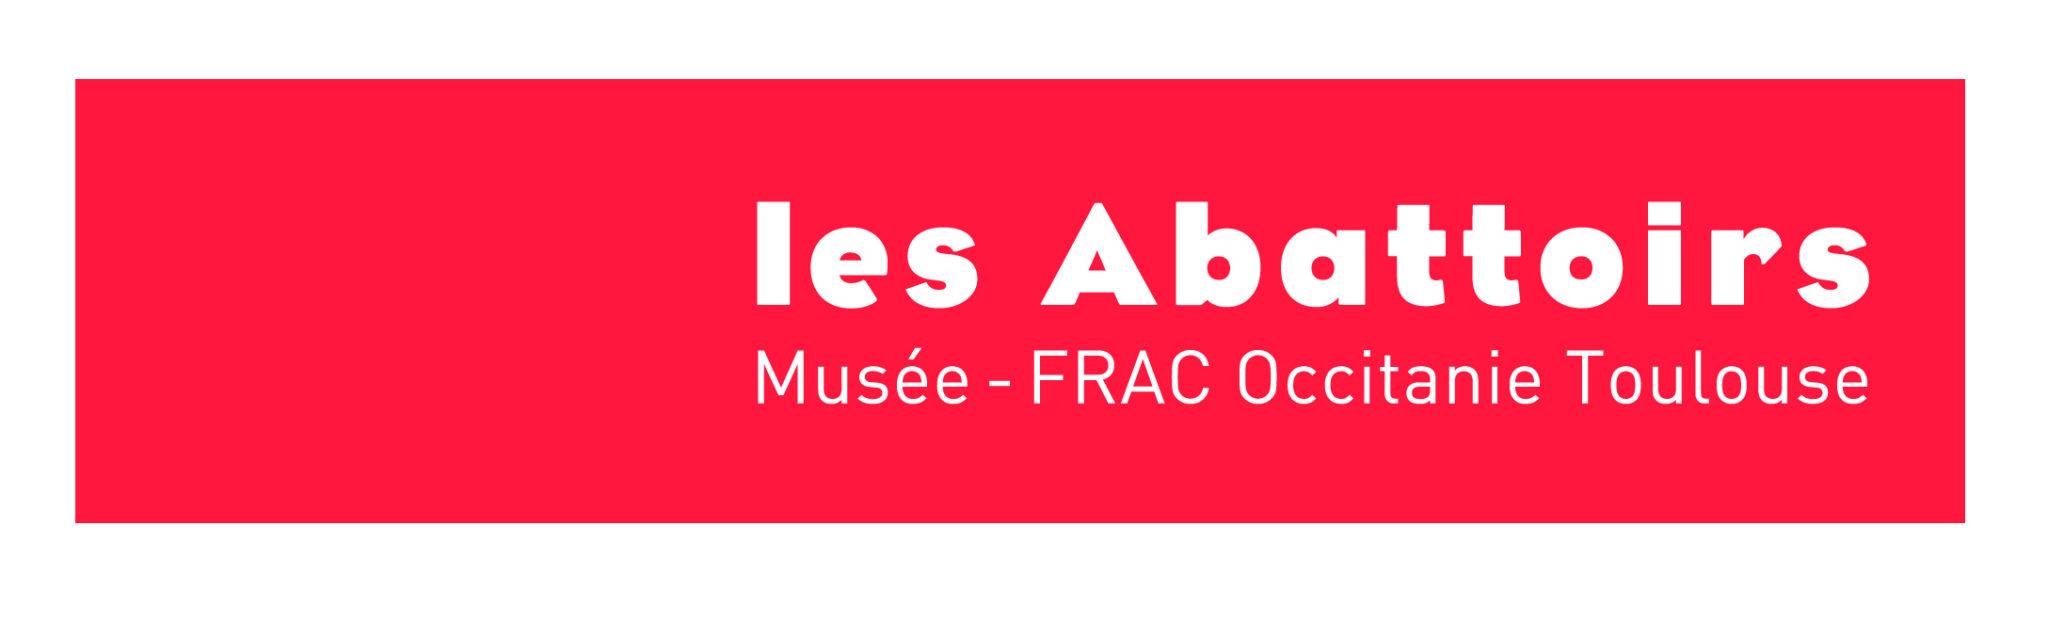 Les Abattoirs, Musée-Frac Occitanie Toulouse